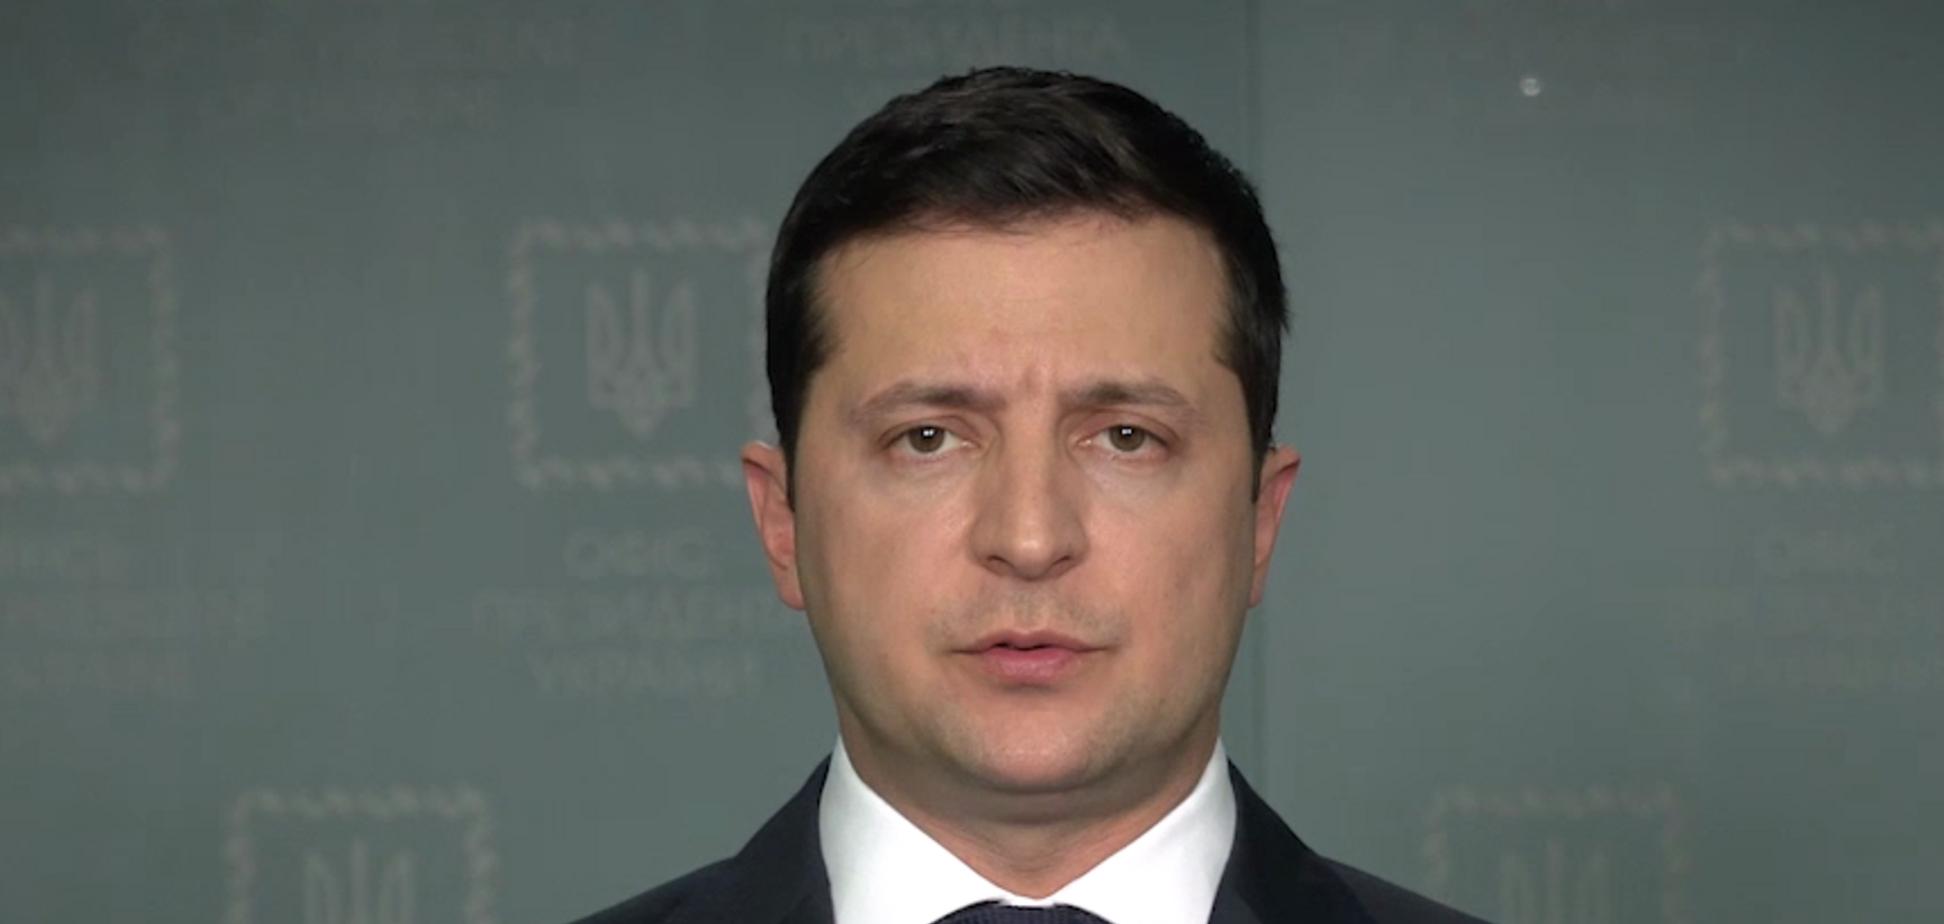 Зеленский срочно обратился к украинцам из-за катастрофы в Иране. Видео